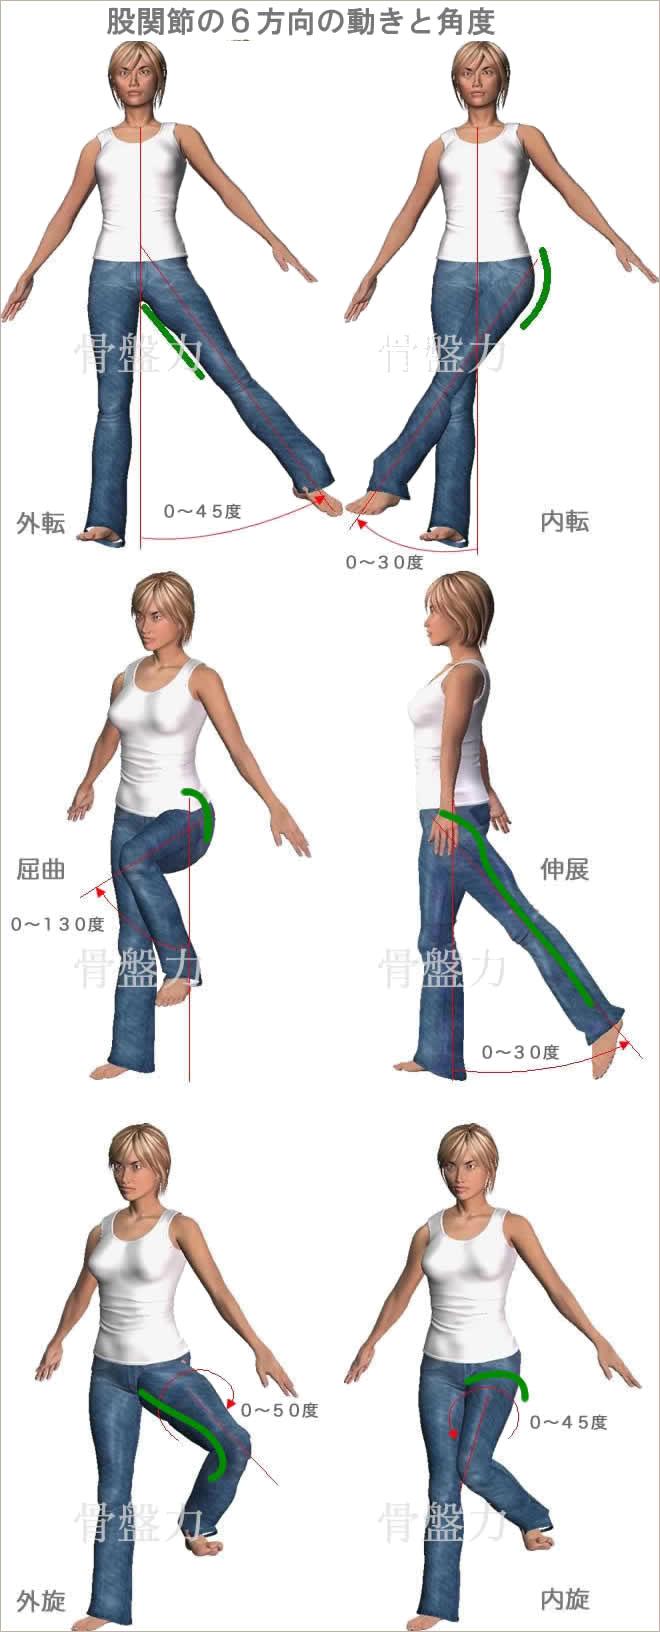 股関節6方向の動き